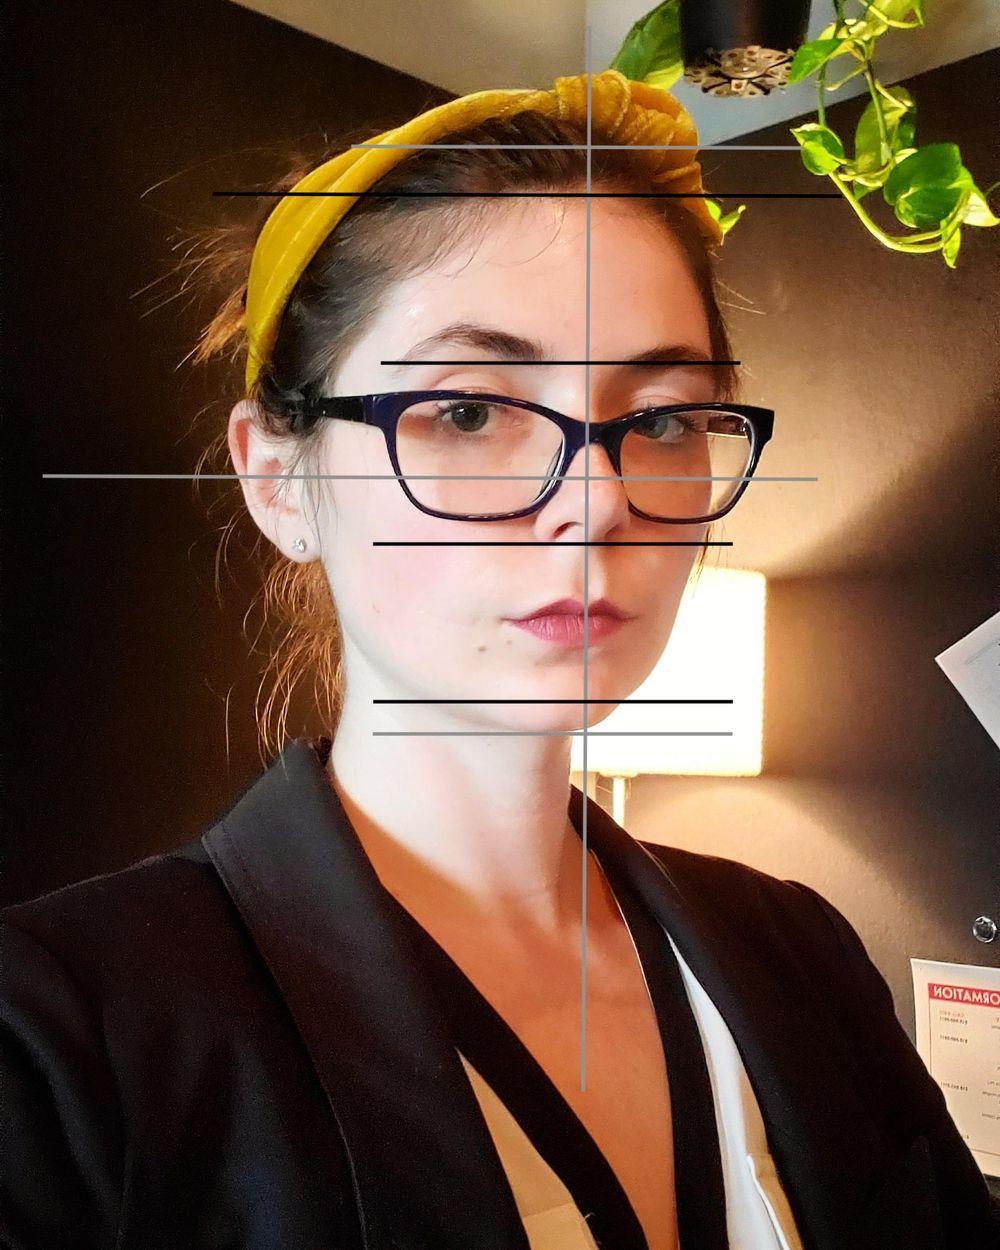 Self Portrait Attempts - image 5 - student project